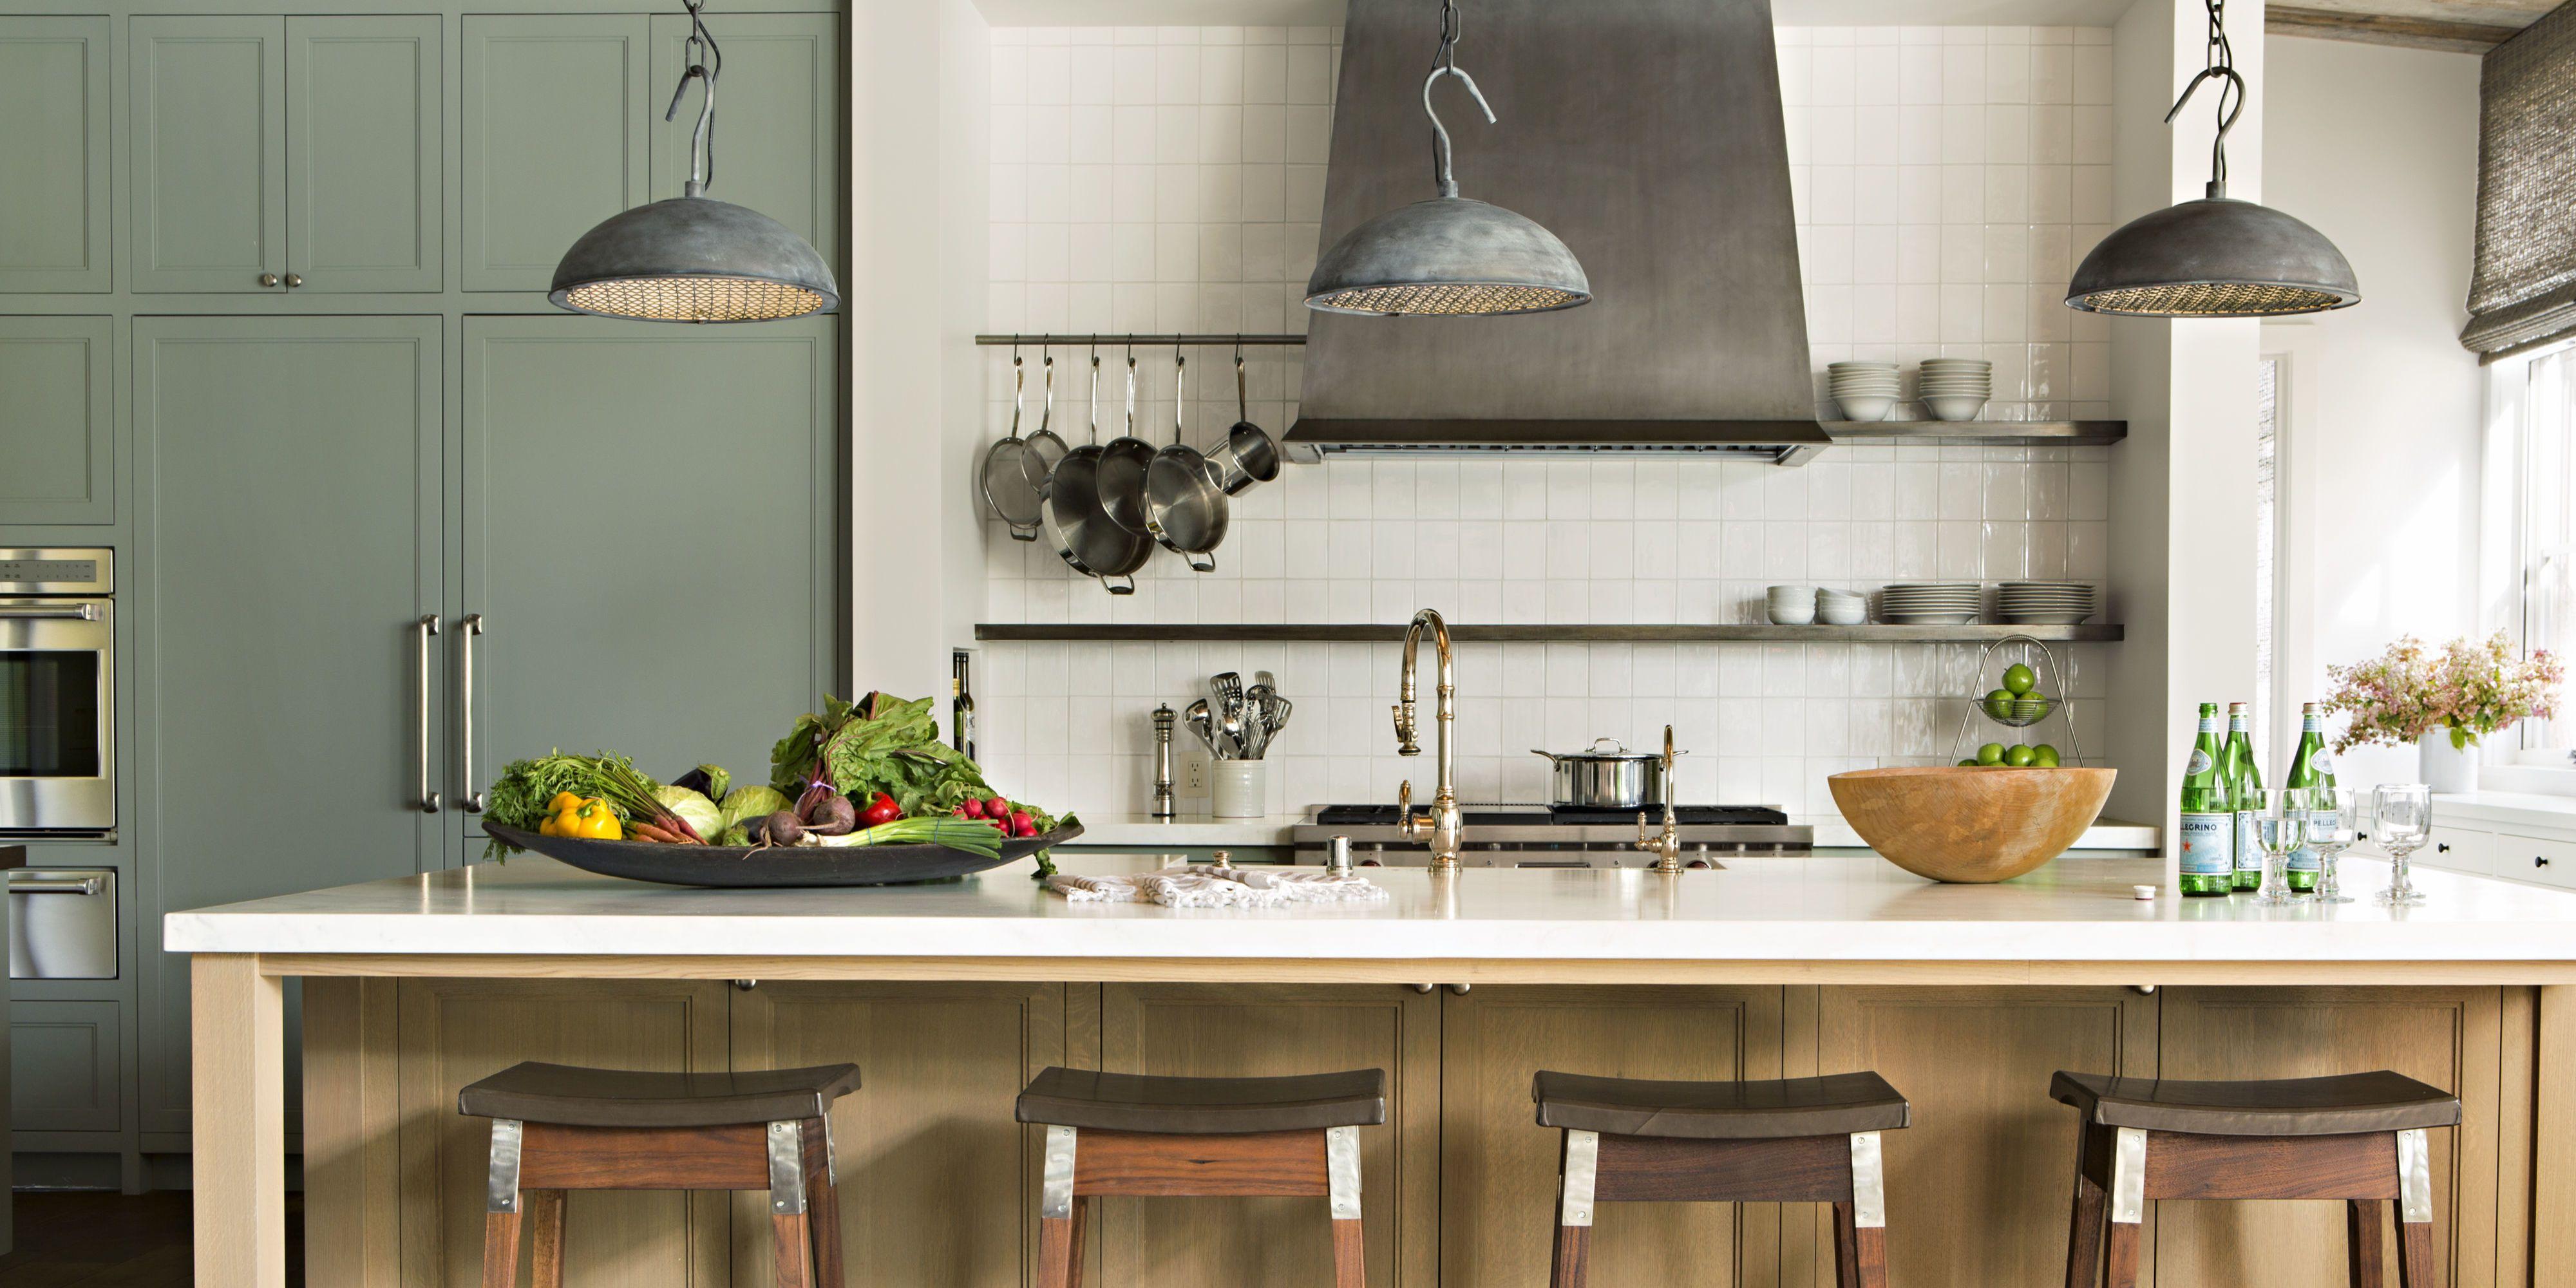 20 best kitchen lighting ideas modern light fixtures for home rh housebeautiful com lighting ideas for kitchen renovation lighting ideas for kitchen renovation